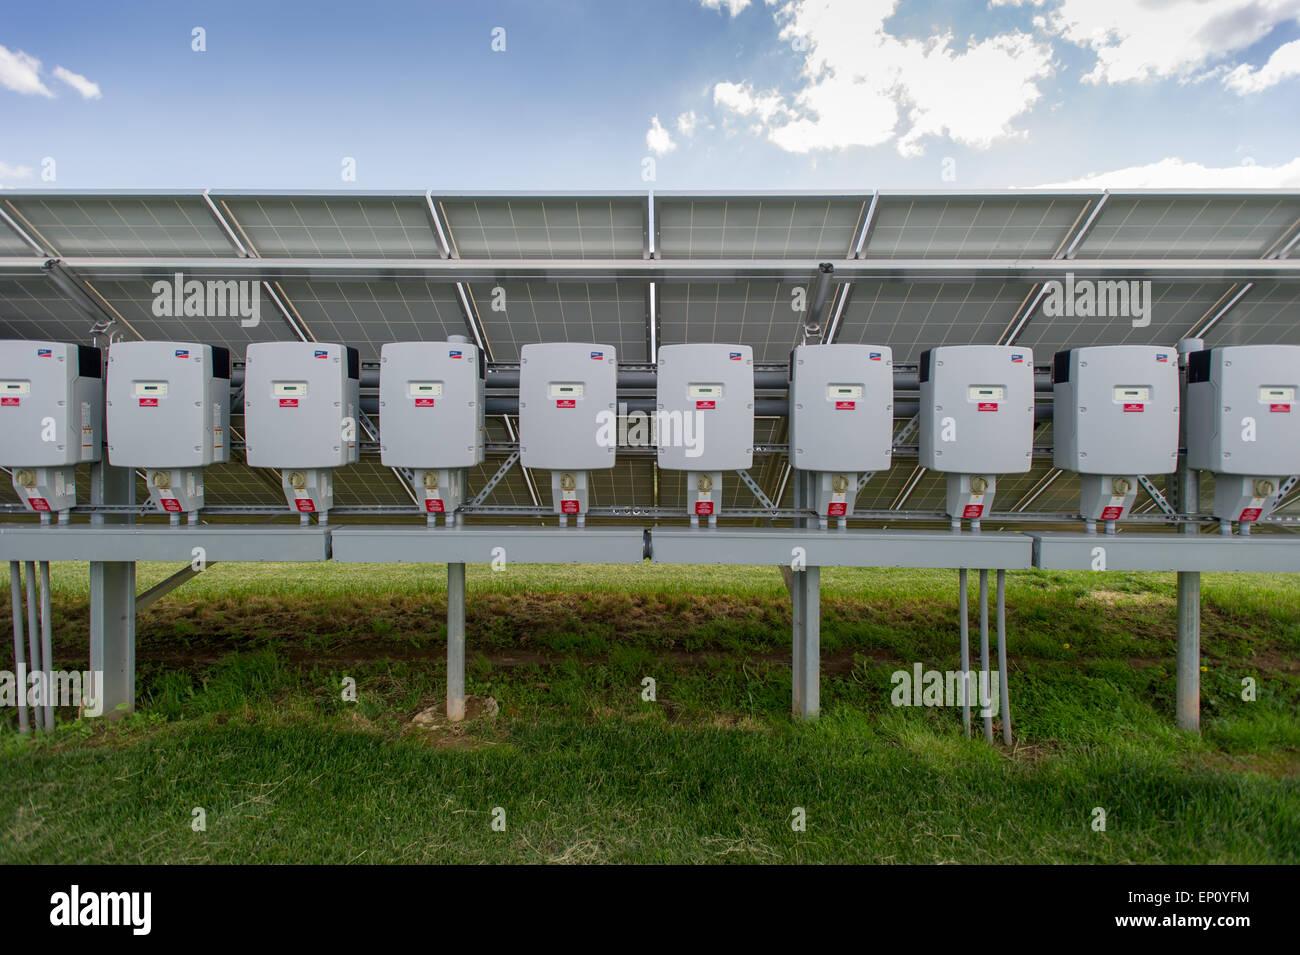 Metros conectados a paneles solares en Elizabethtown, Pennsylvania, EE.UU. Imagen De Stock